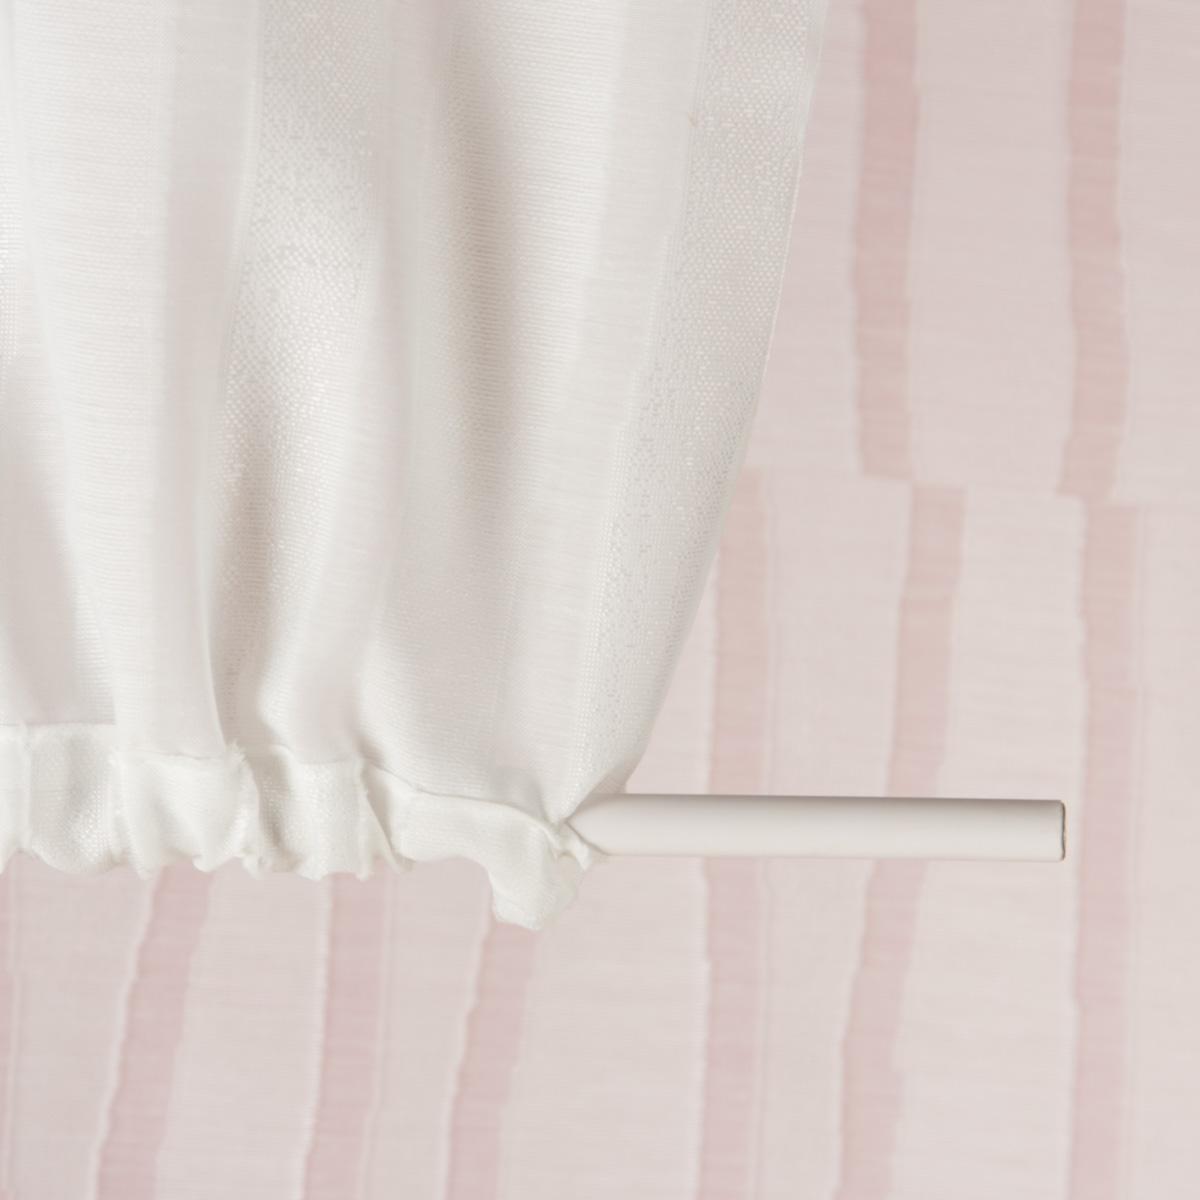 schiebevorhang fl chenvorhang scherli streifen miakdo wei 245x60cm inspirationen stilwelten. Black Bedroom Furniture Sets. Home Design Ideas